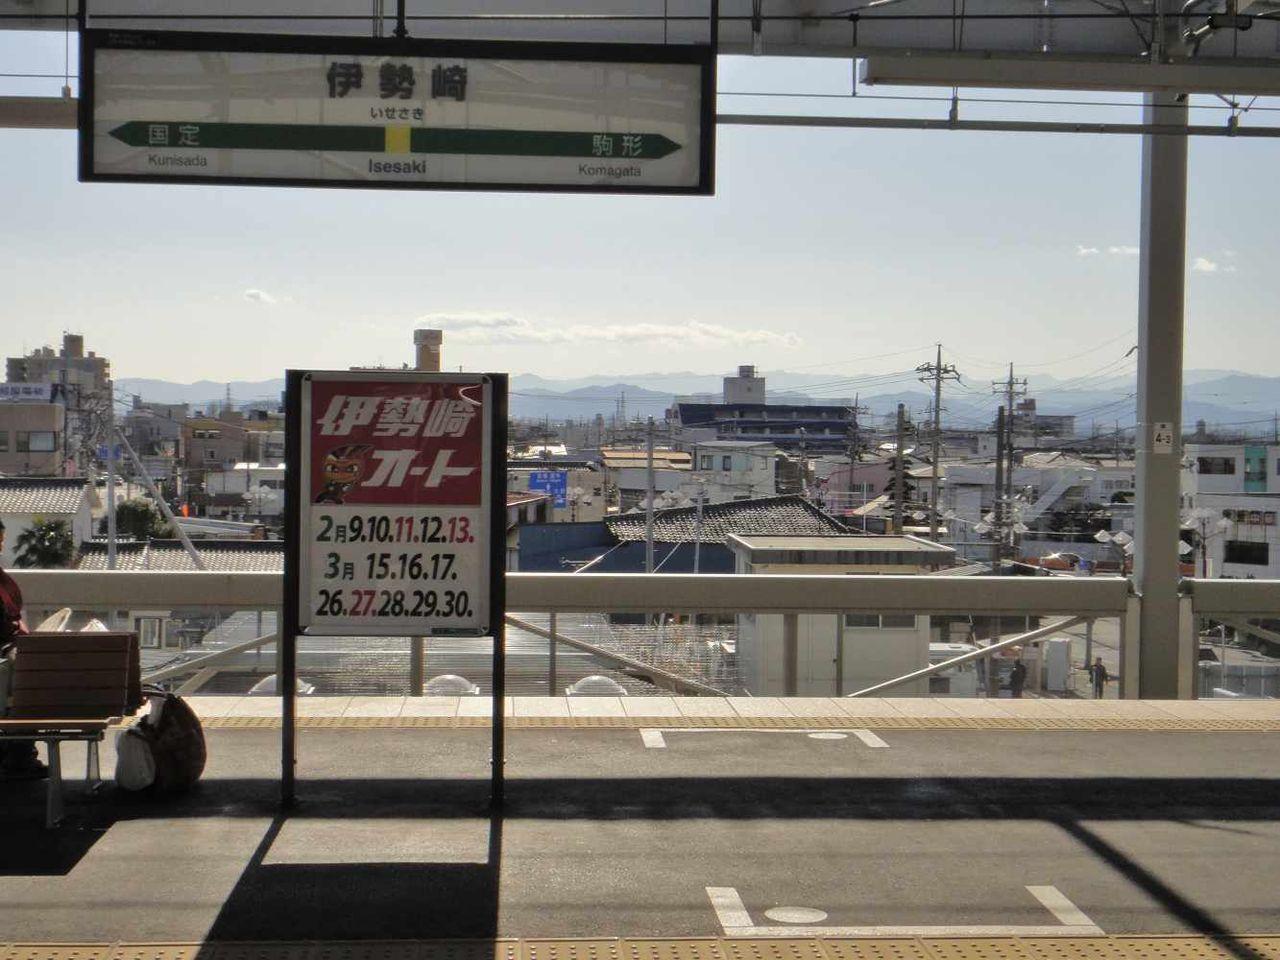 群馬県伊勢崎市 伊勢崎駅 : 名水...